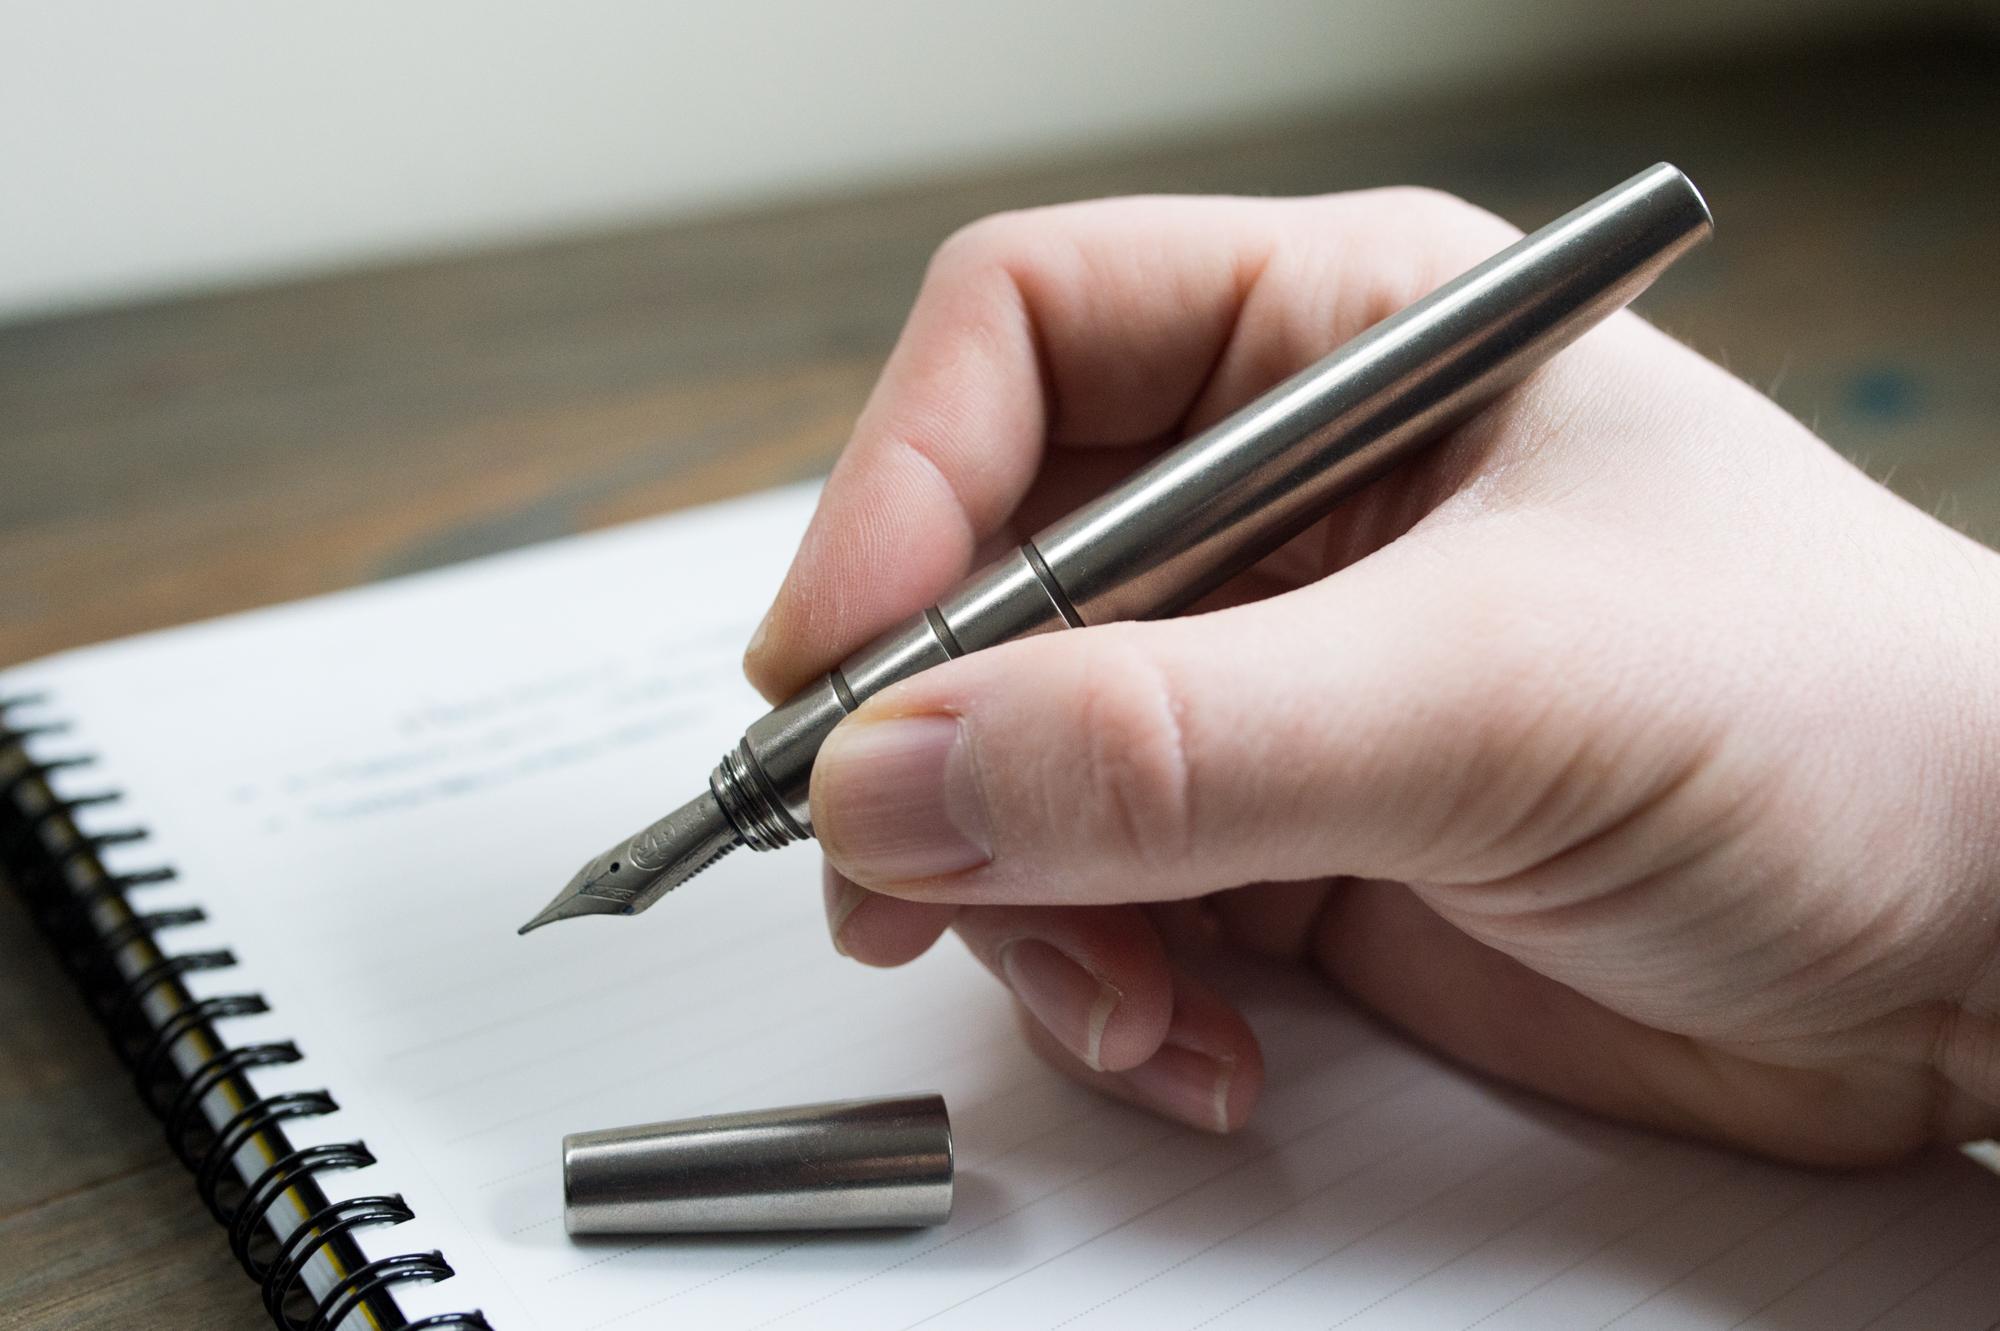 Namisu Orion Stonewashed Titanium Fountain Pen Review